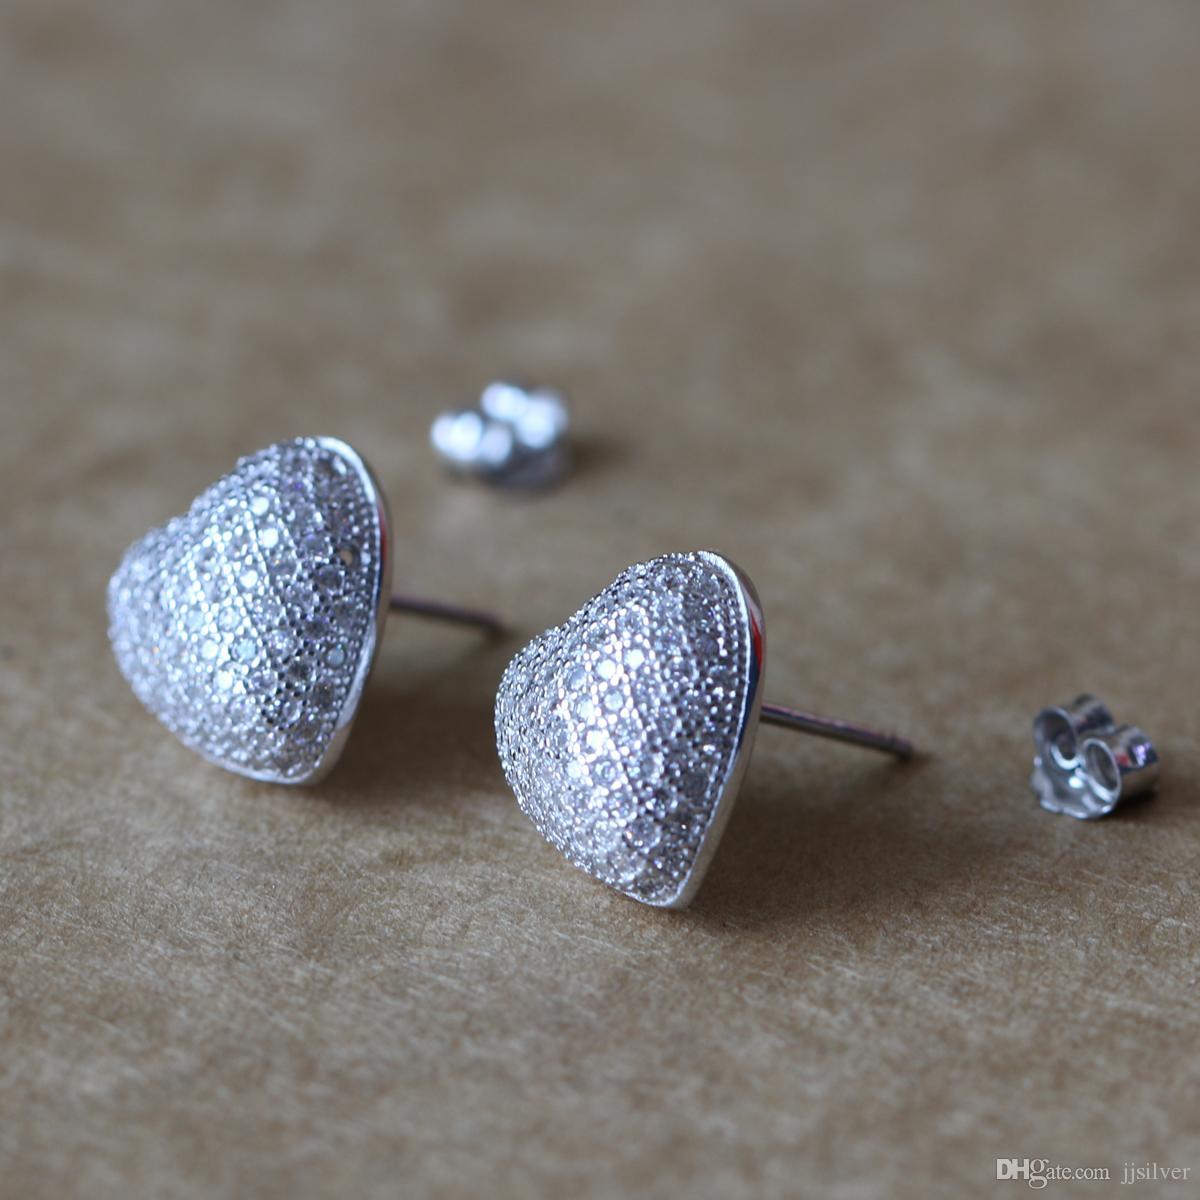 100 % 925 스털링 실버 귀걸이 쥬얼리 패션 작은 CZ 포장 크리스탈 하트 스터드 귀걸이 선물 여자 아이들을위한 레이디 파인 쥬얼리